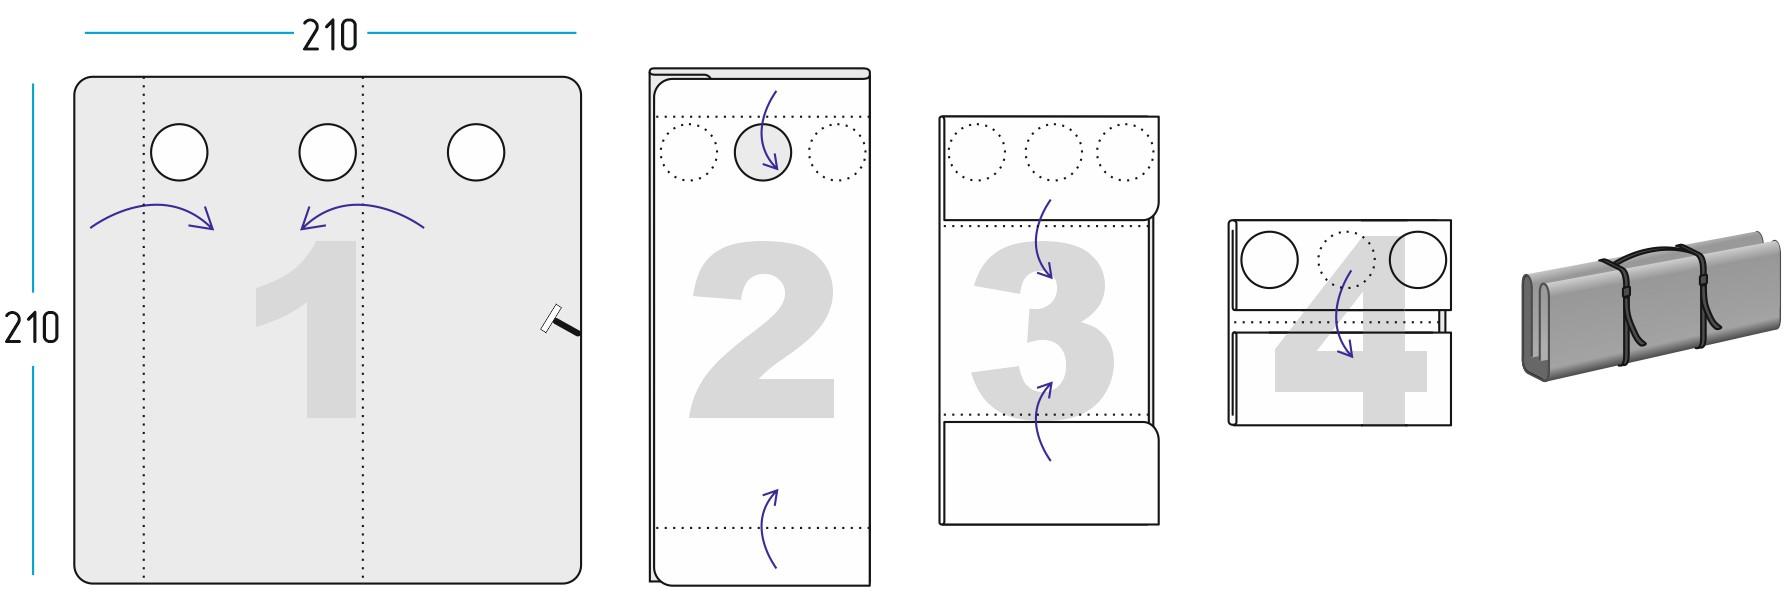 Схема сложения Дно гидро-термоизоляционное ЛОТОС Куб 3 (210х210)